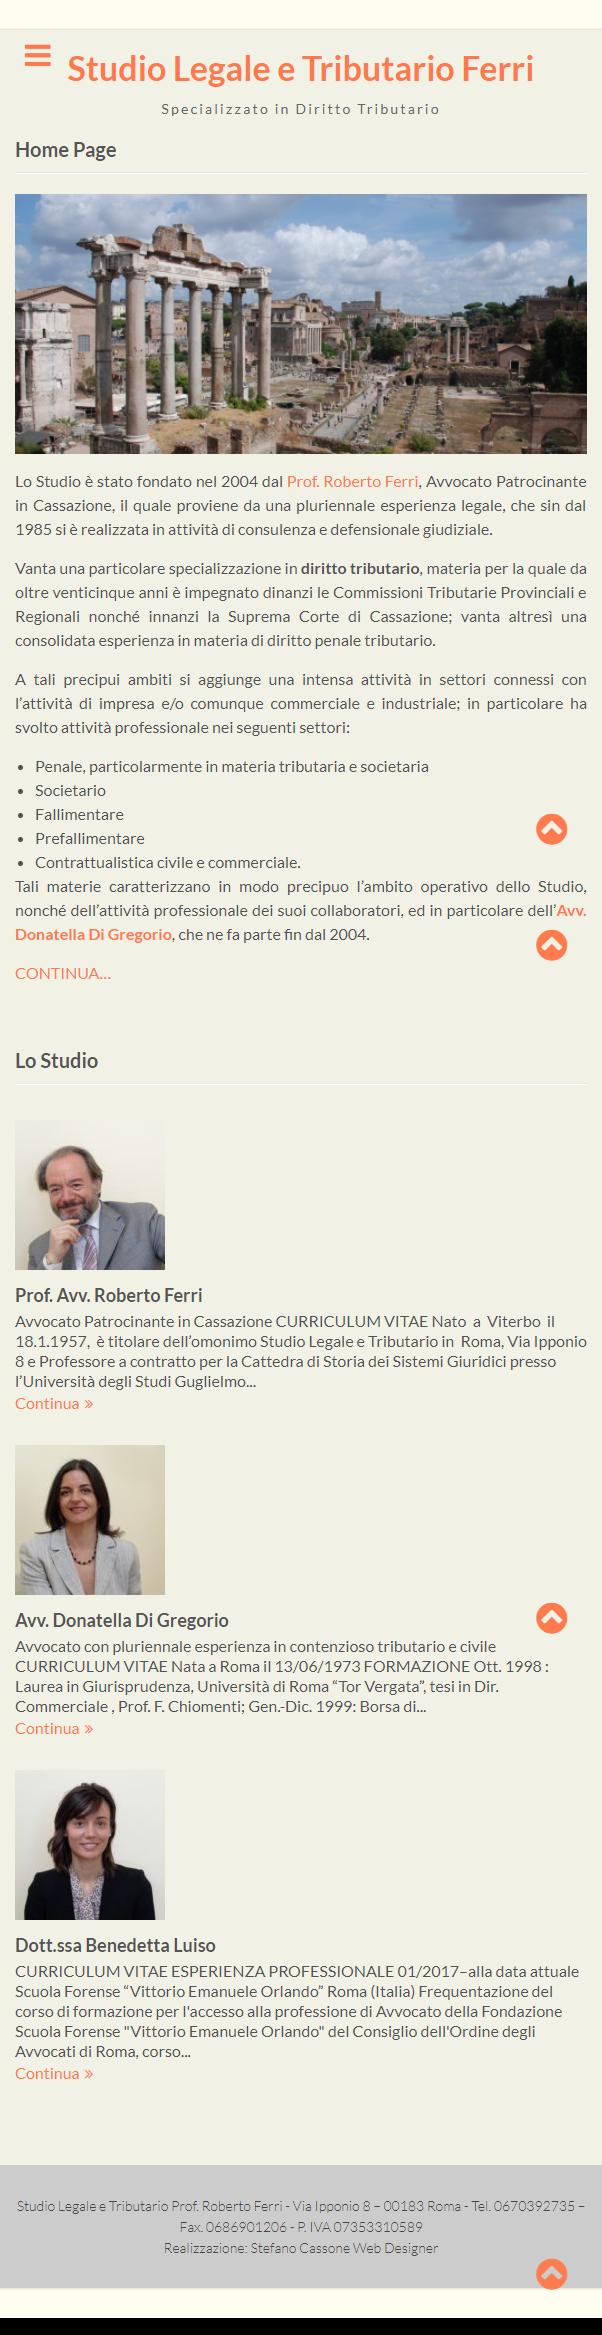 Studio Legale E Tributario Ferri Web Design Stefano Cassone